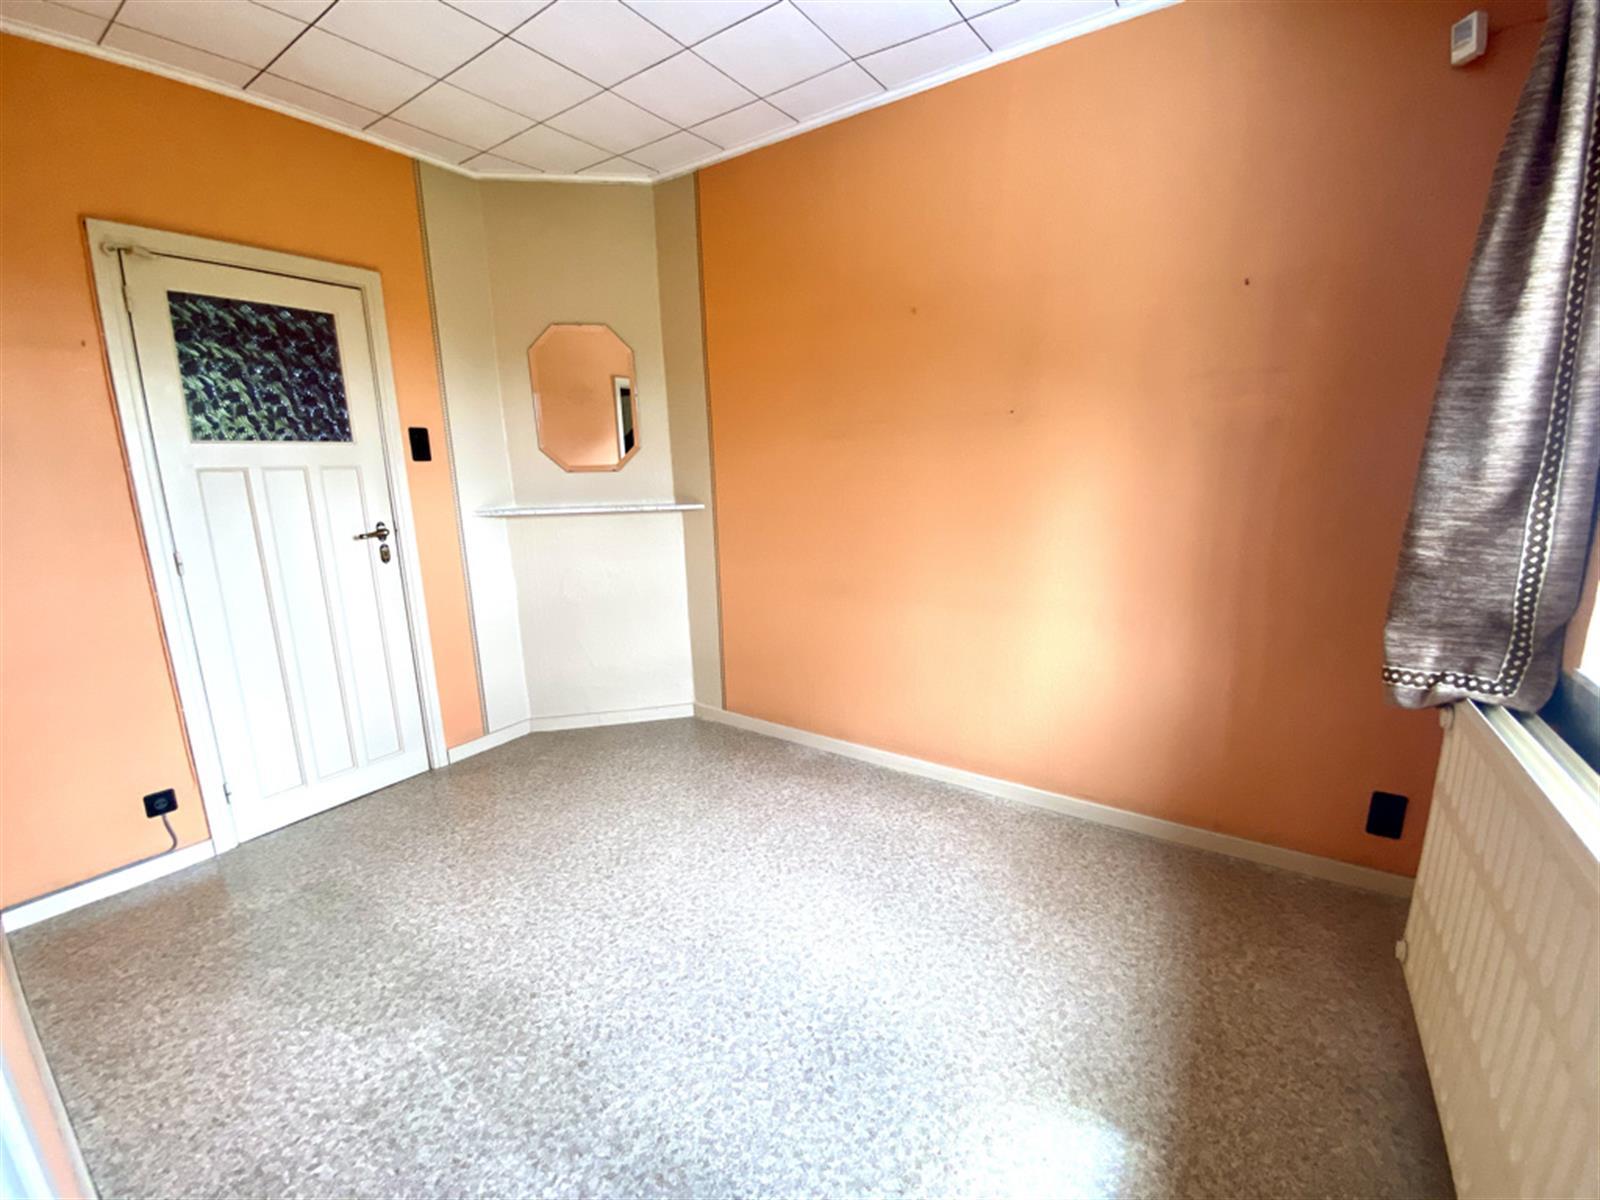 House - Saint-nicolas - #4396645-12